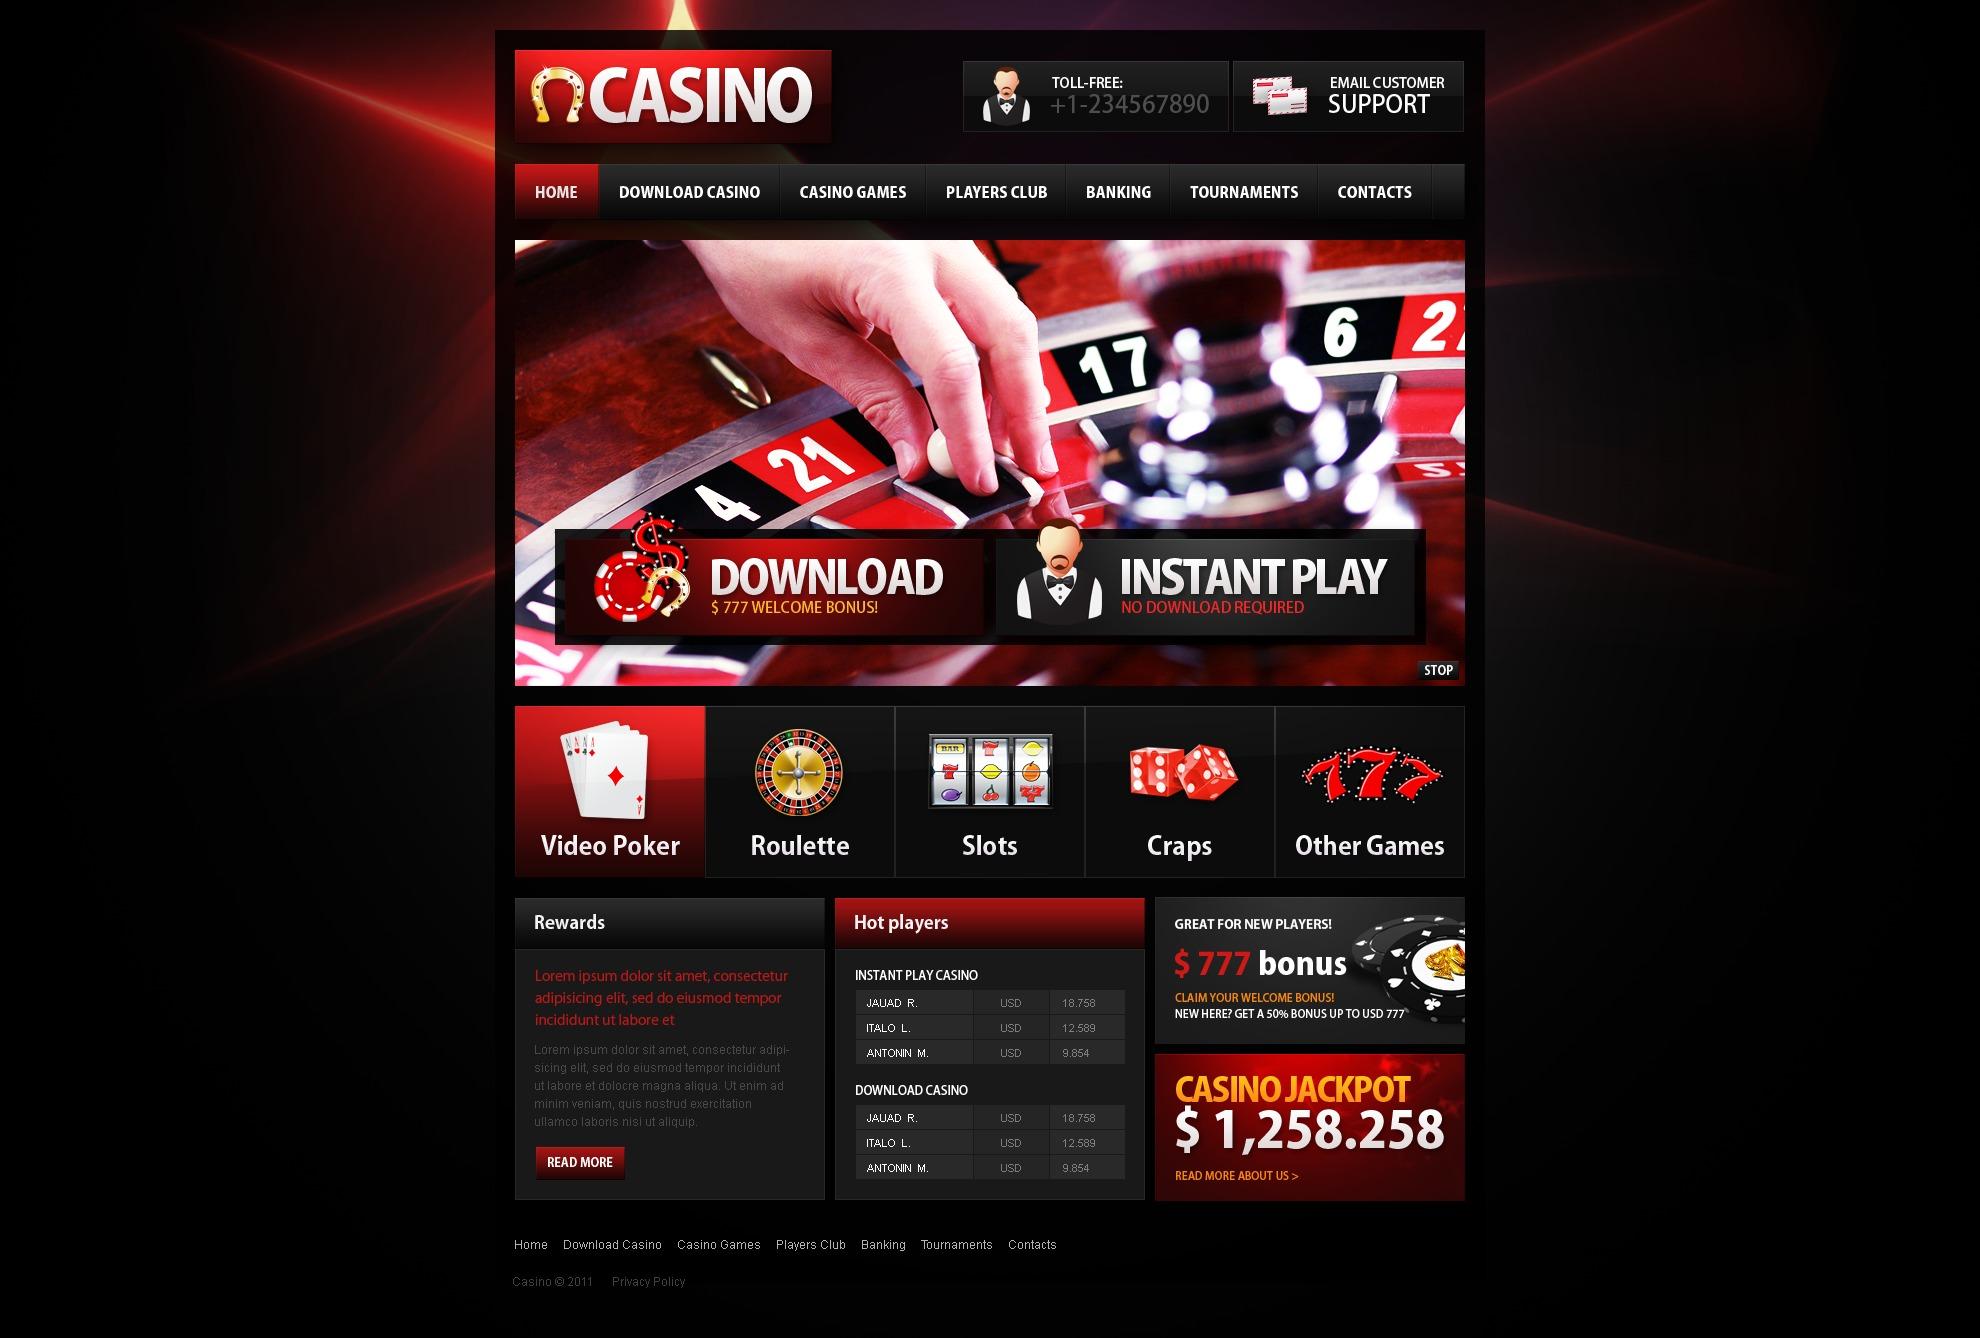 Casino Website Design